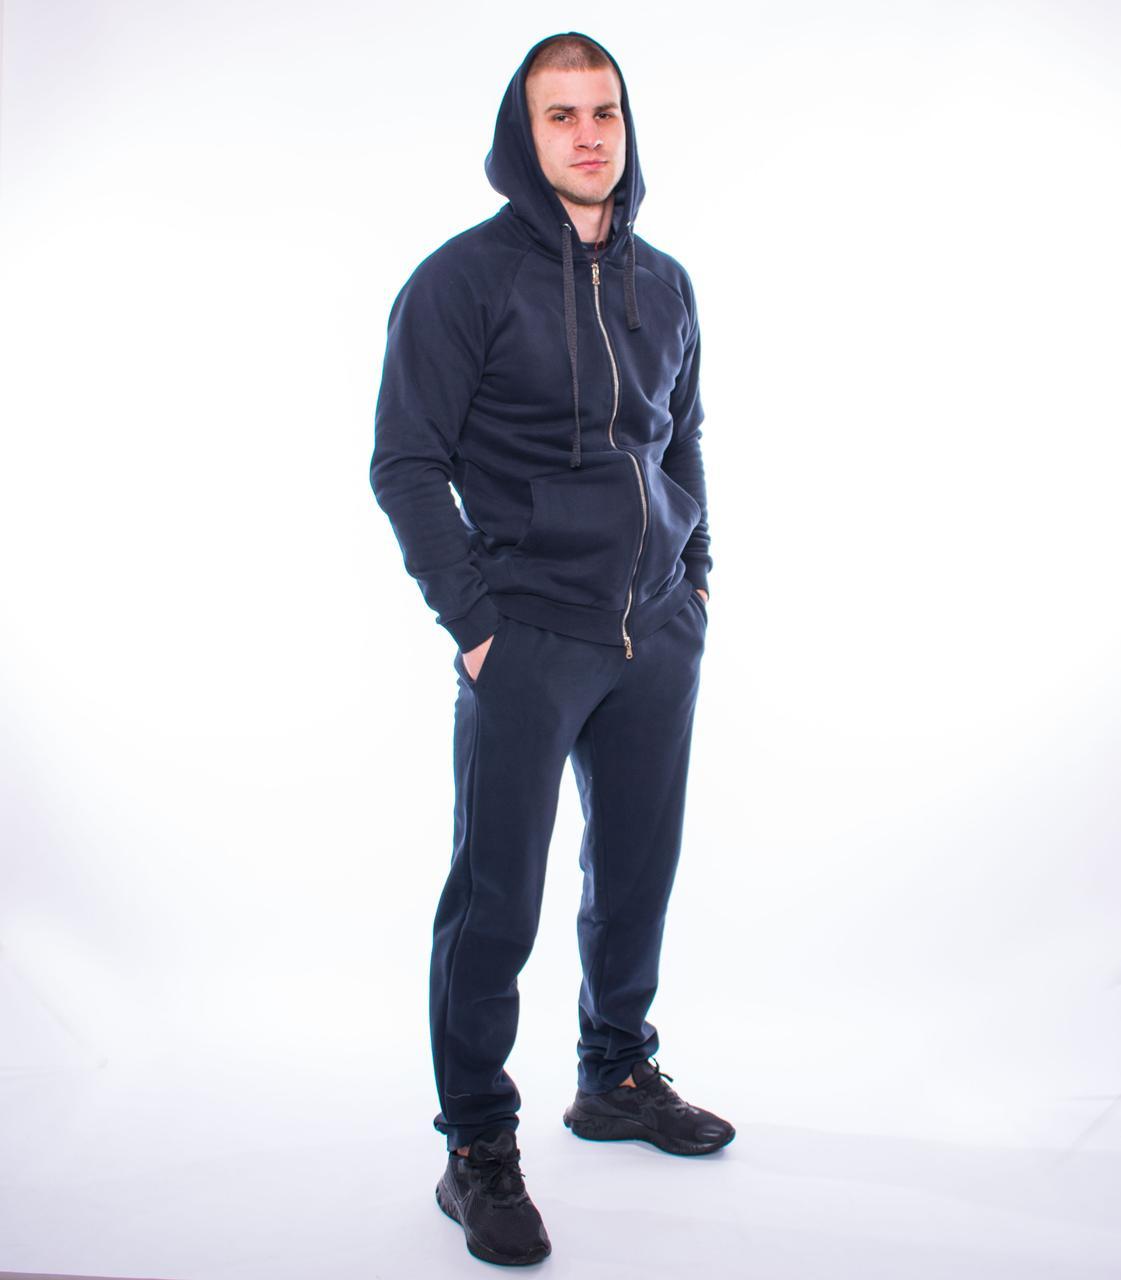 Bono Мужской спортивный костюм темно-синий 950154